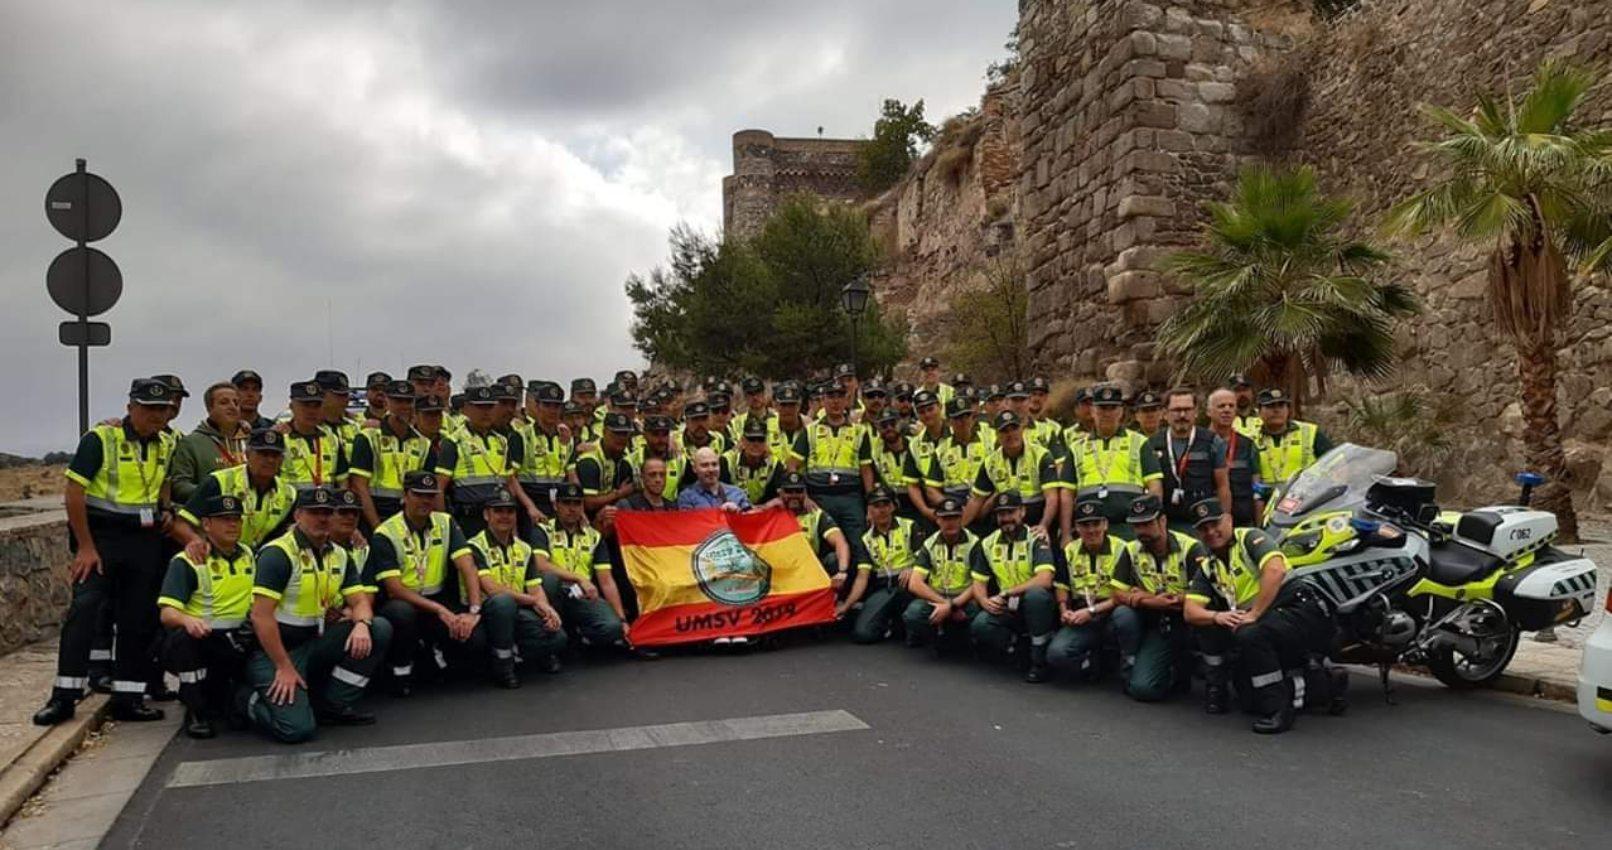 Homenaje a Román David de los guardia civiles de La Vuelta.